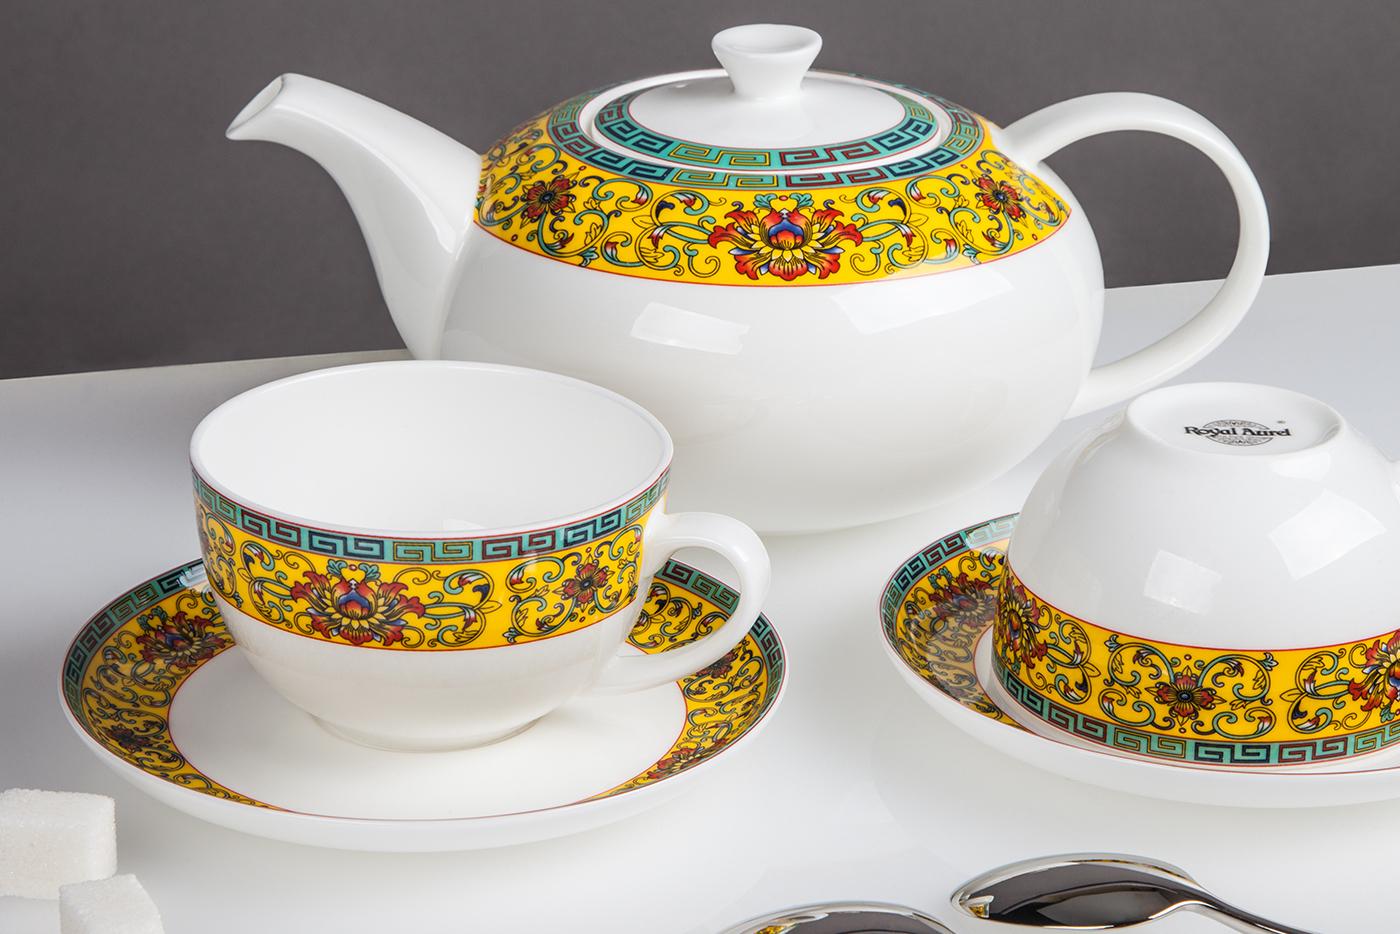 Чайный сервиз Royal Aurel Восторг арт.145, 13 предметовЧайные сервизы<br>Чайный сервиз Royal Aurel Восторг арт.145, 13 предметов<br><br><br><br><br><br><br><br><br><br><br>Чашка 300 мл,6 шт.<br>Блюдце 15 см,6 шт.<br>Чайник 1300 мл<br><br><br><br><br><br><br>Производить посуду из фарфора начали в Китае на стыке 6-7 веков. Неустанно совершенствуя и селективно отбирая сырье для производства посуды из фарфора, мастерам удалось добиться выдающихся характеристик фарфора: белизны и тонкостенности. В XV веке появился особый интерес к китайской фарфоровой посуде, так как в это время Европе возникла мода на самобытные китайские вещи. Роскошный китайский фарфор являлся изыском и был в новинку, поэтому он выступал в качестве подарка королям, а также знатным людям. Такой дорогой подарок был очень престижен и по праву являлся элитной посудой. Как известно из многочисленных исторических документов, в Европе китайские изделия из фарфора ценились практически как золото. <br>Проверка изделий из костяного фарфора на подлинность <br>По сравнению с производством других видов фарфора процесс производства изделий из настоящего костяного фарфора сложен и весьма длителен. Посуда из изящного фарфора - это элитная посуда, которая всегда ассоциируется с богатством, величием и благородством. Несмотря на небольшую толщину, фарфоровая посуда - это очень прочное изделие. Для демонстрации плотности и прочности фарфора можно легко коснуться предметов посуды из фарфора деревянной палочкой, и тогда мы услушим характерный металлический звон. В составе фарфоровой посуды присутствует костяная зола, благодаря чему она может быть намного тоньше (не более 2,5 мм) и легче твердого или мягкого фарфора. Безупречная белизна - ключевой признак отличия такого фарфора от других. Цвет обычного фарфора сероватый или ближе к голубоватому, а костяной фарфор будет всегда будет молочно-белого цвета. Характерная и немаловажная деталь - это невесомая прозрачность изделий из фарфора такая, что сквозь него проходит свет.<br